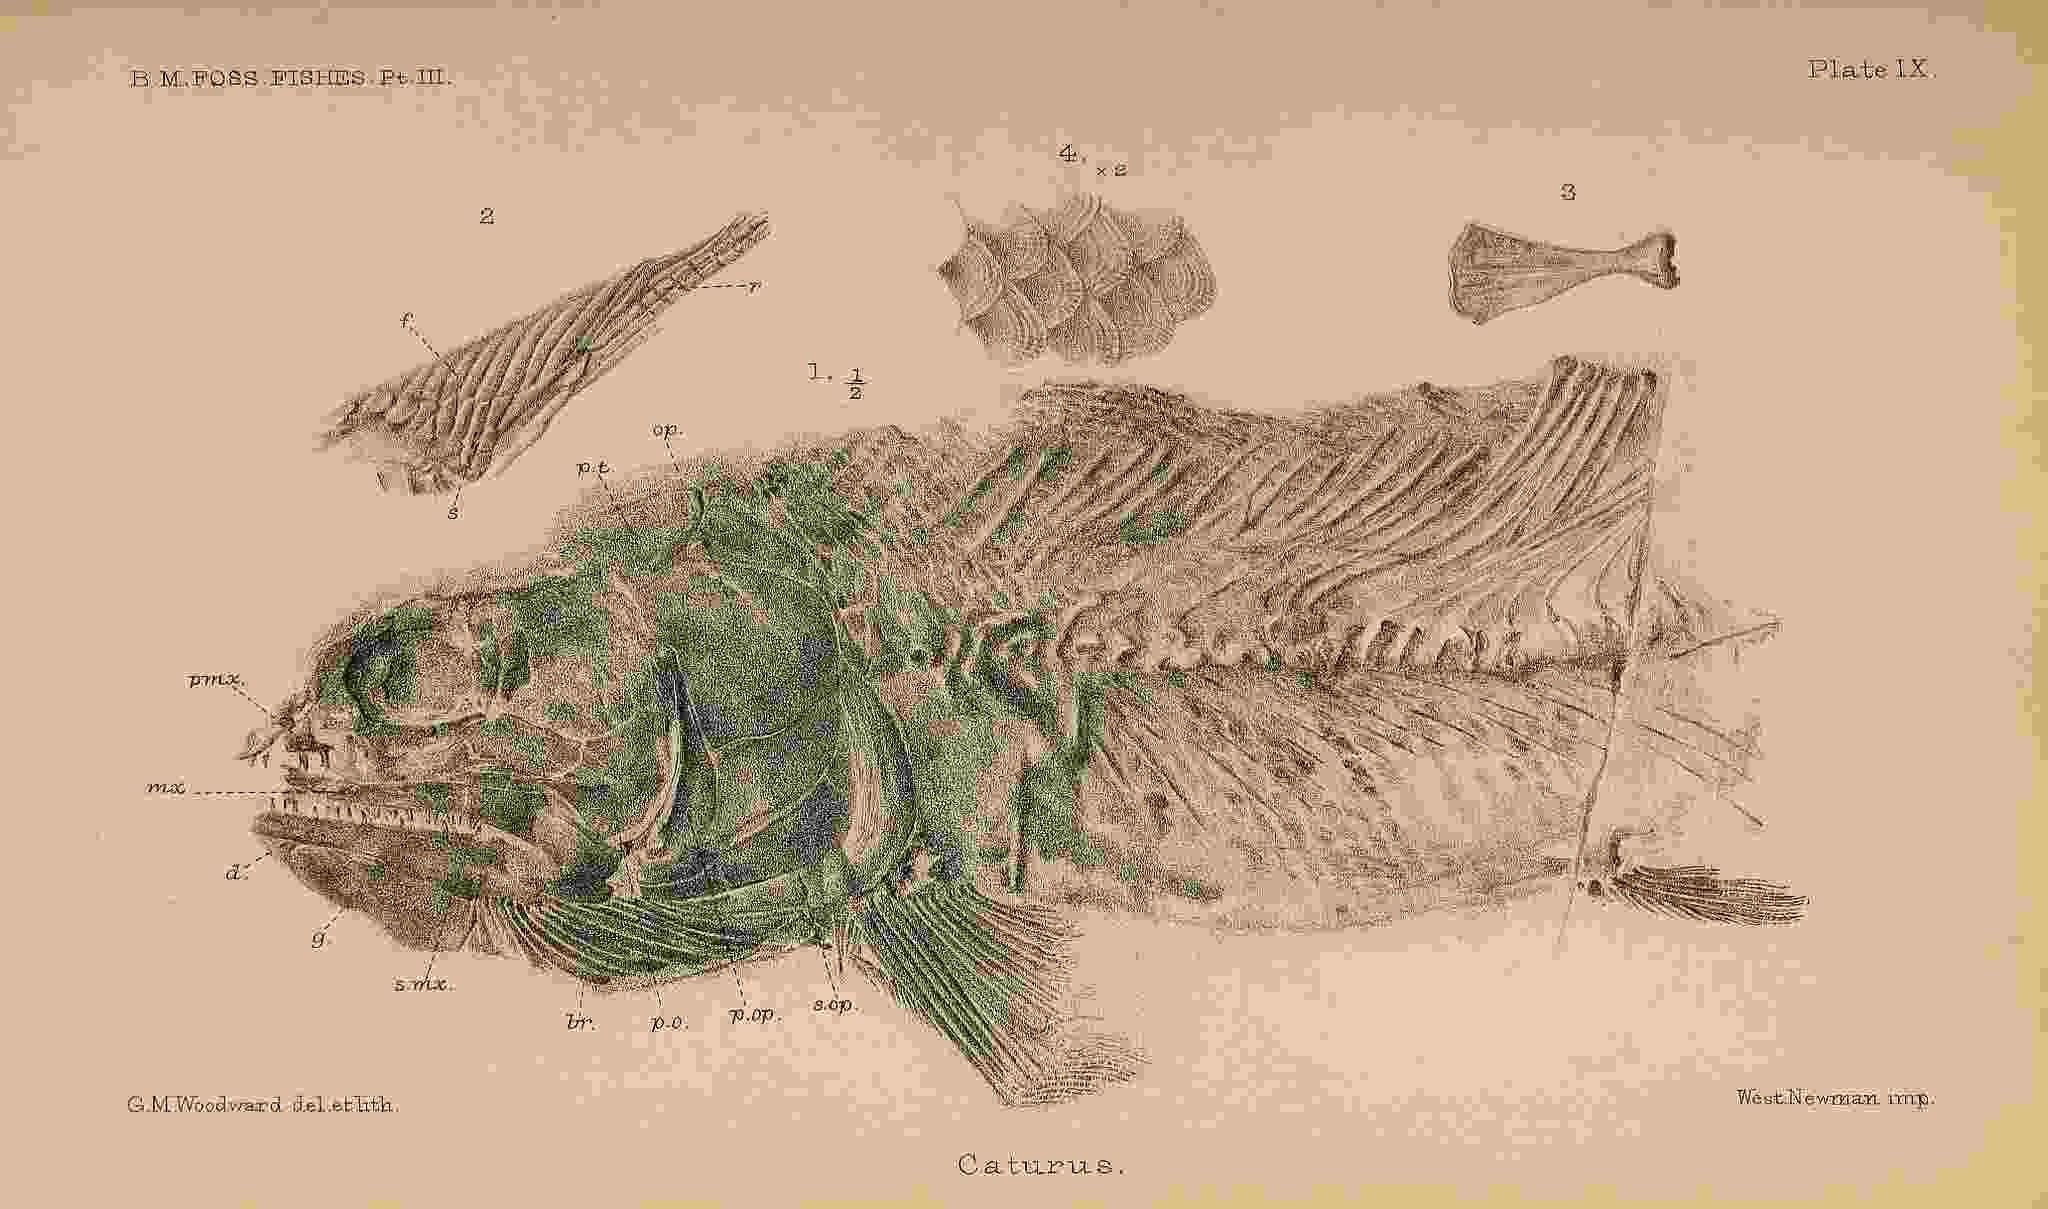 女性イラストレーターによる自然史アートの貢献_c0025115_21400014.jpg